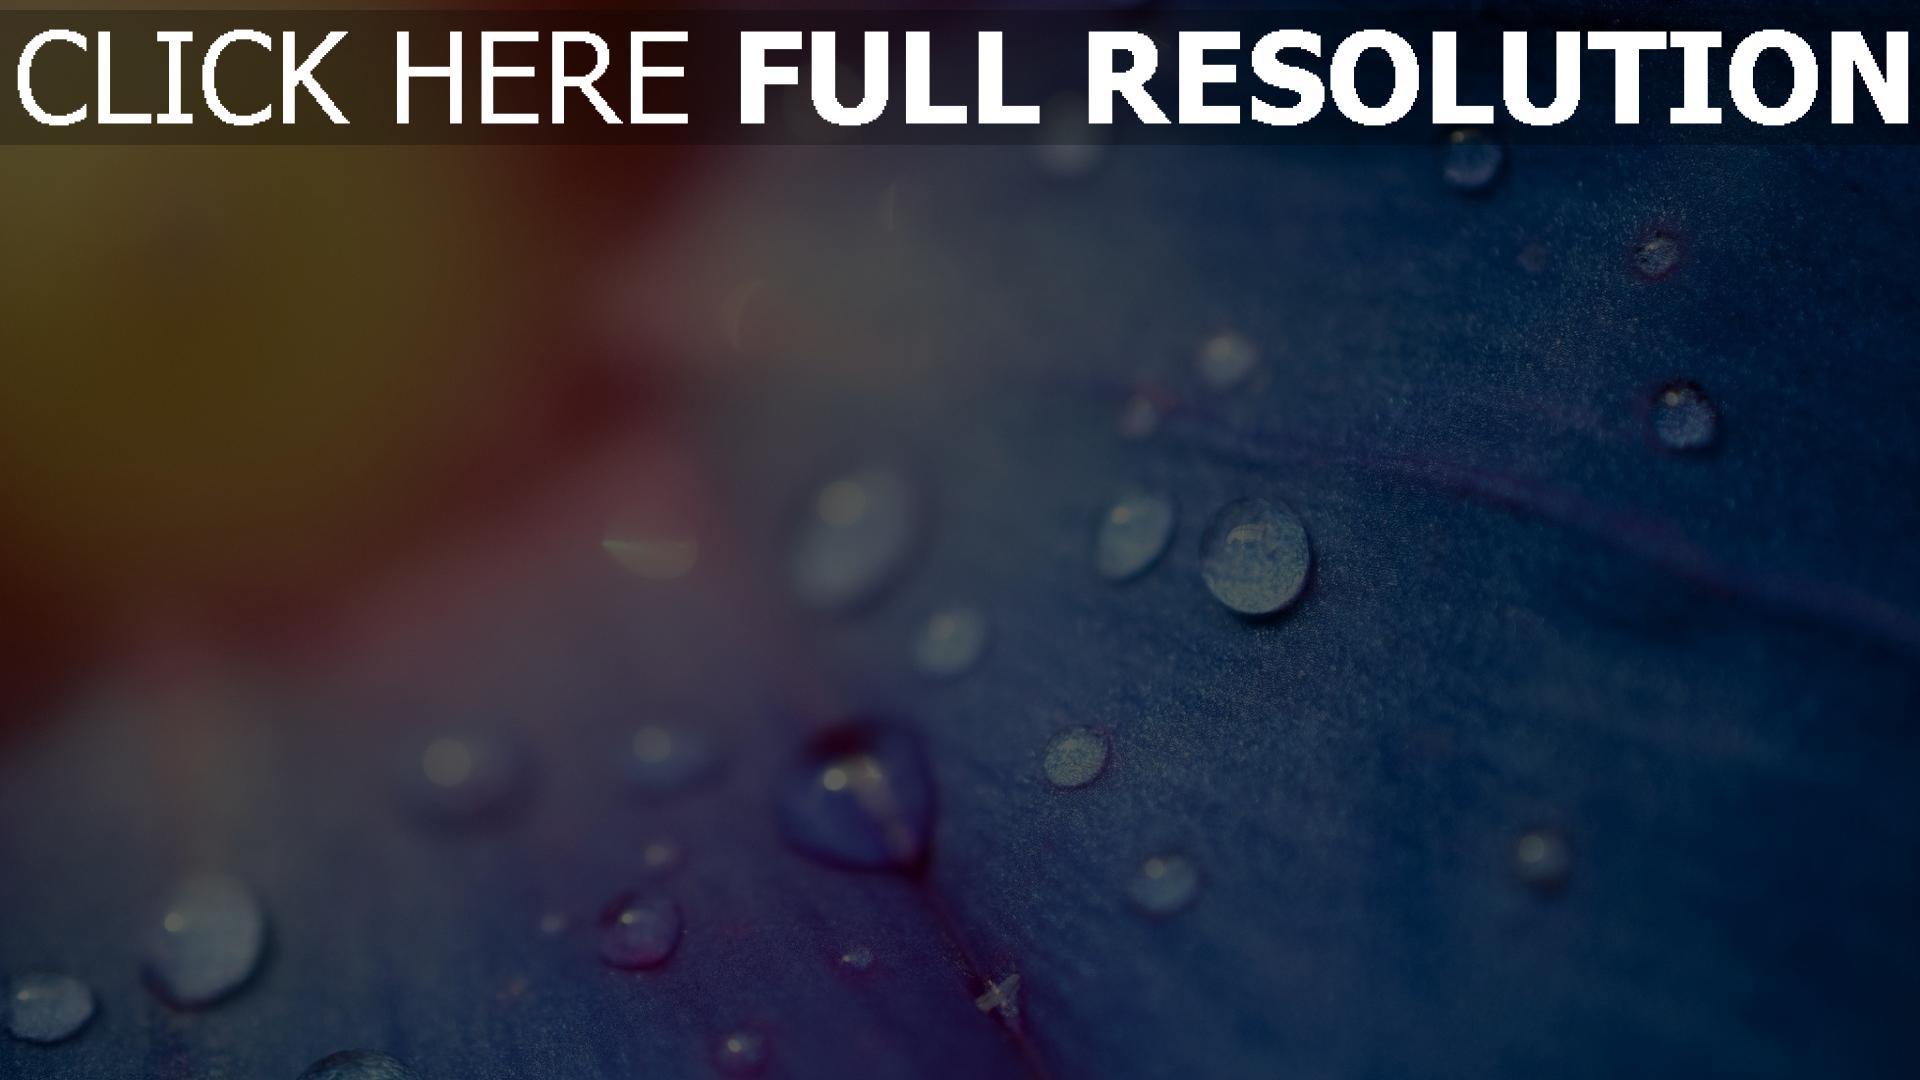 hd hintergrundbilder blütenblätter blau tropfen verwischen 1920x1080